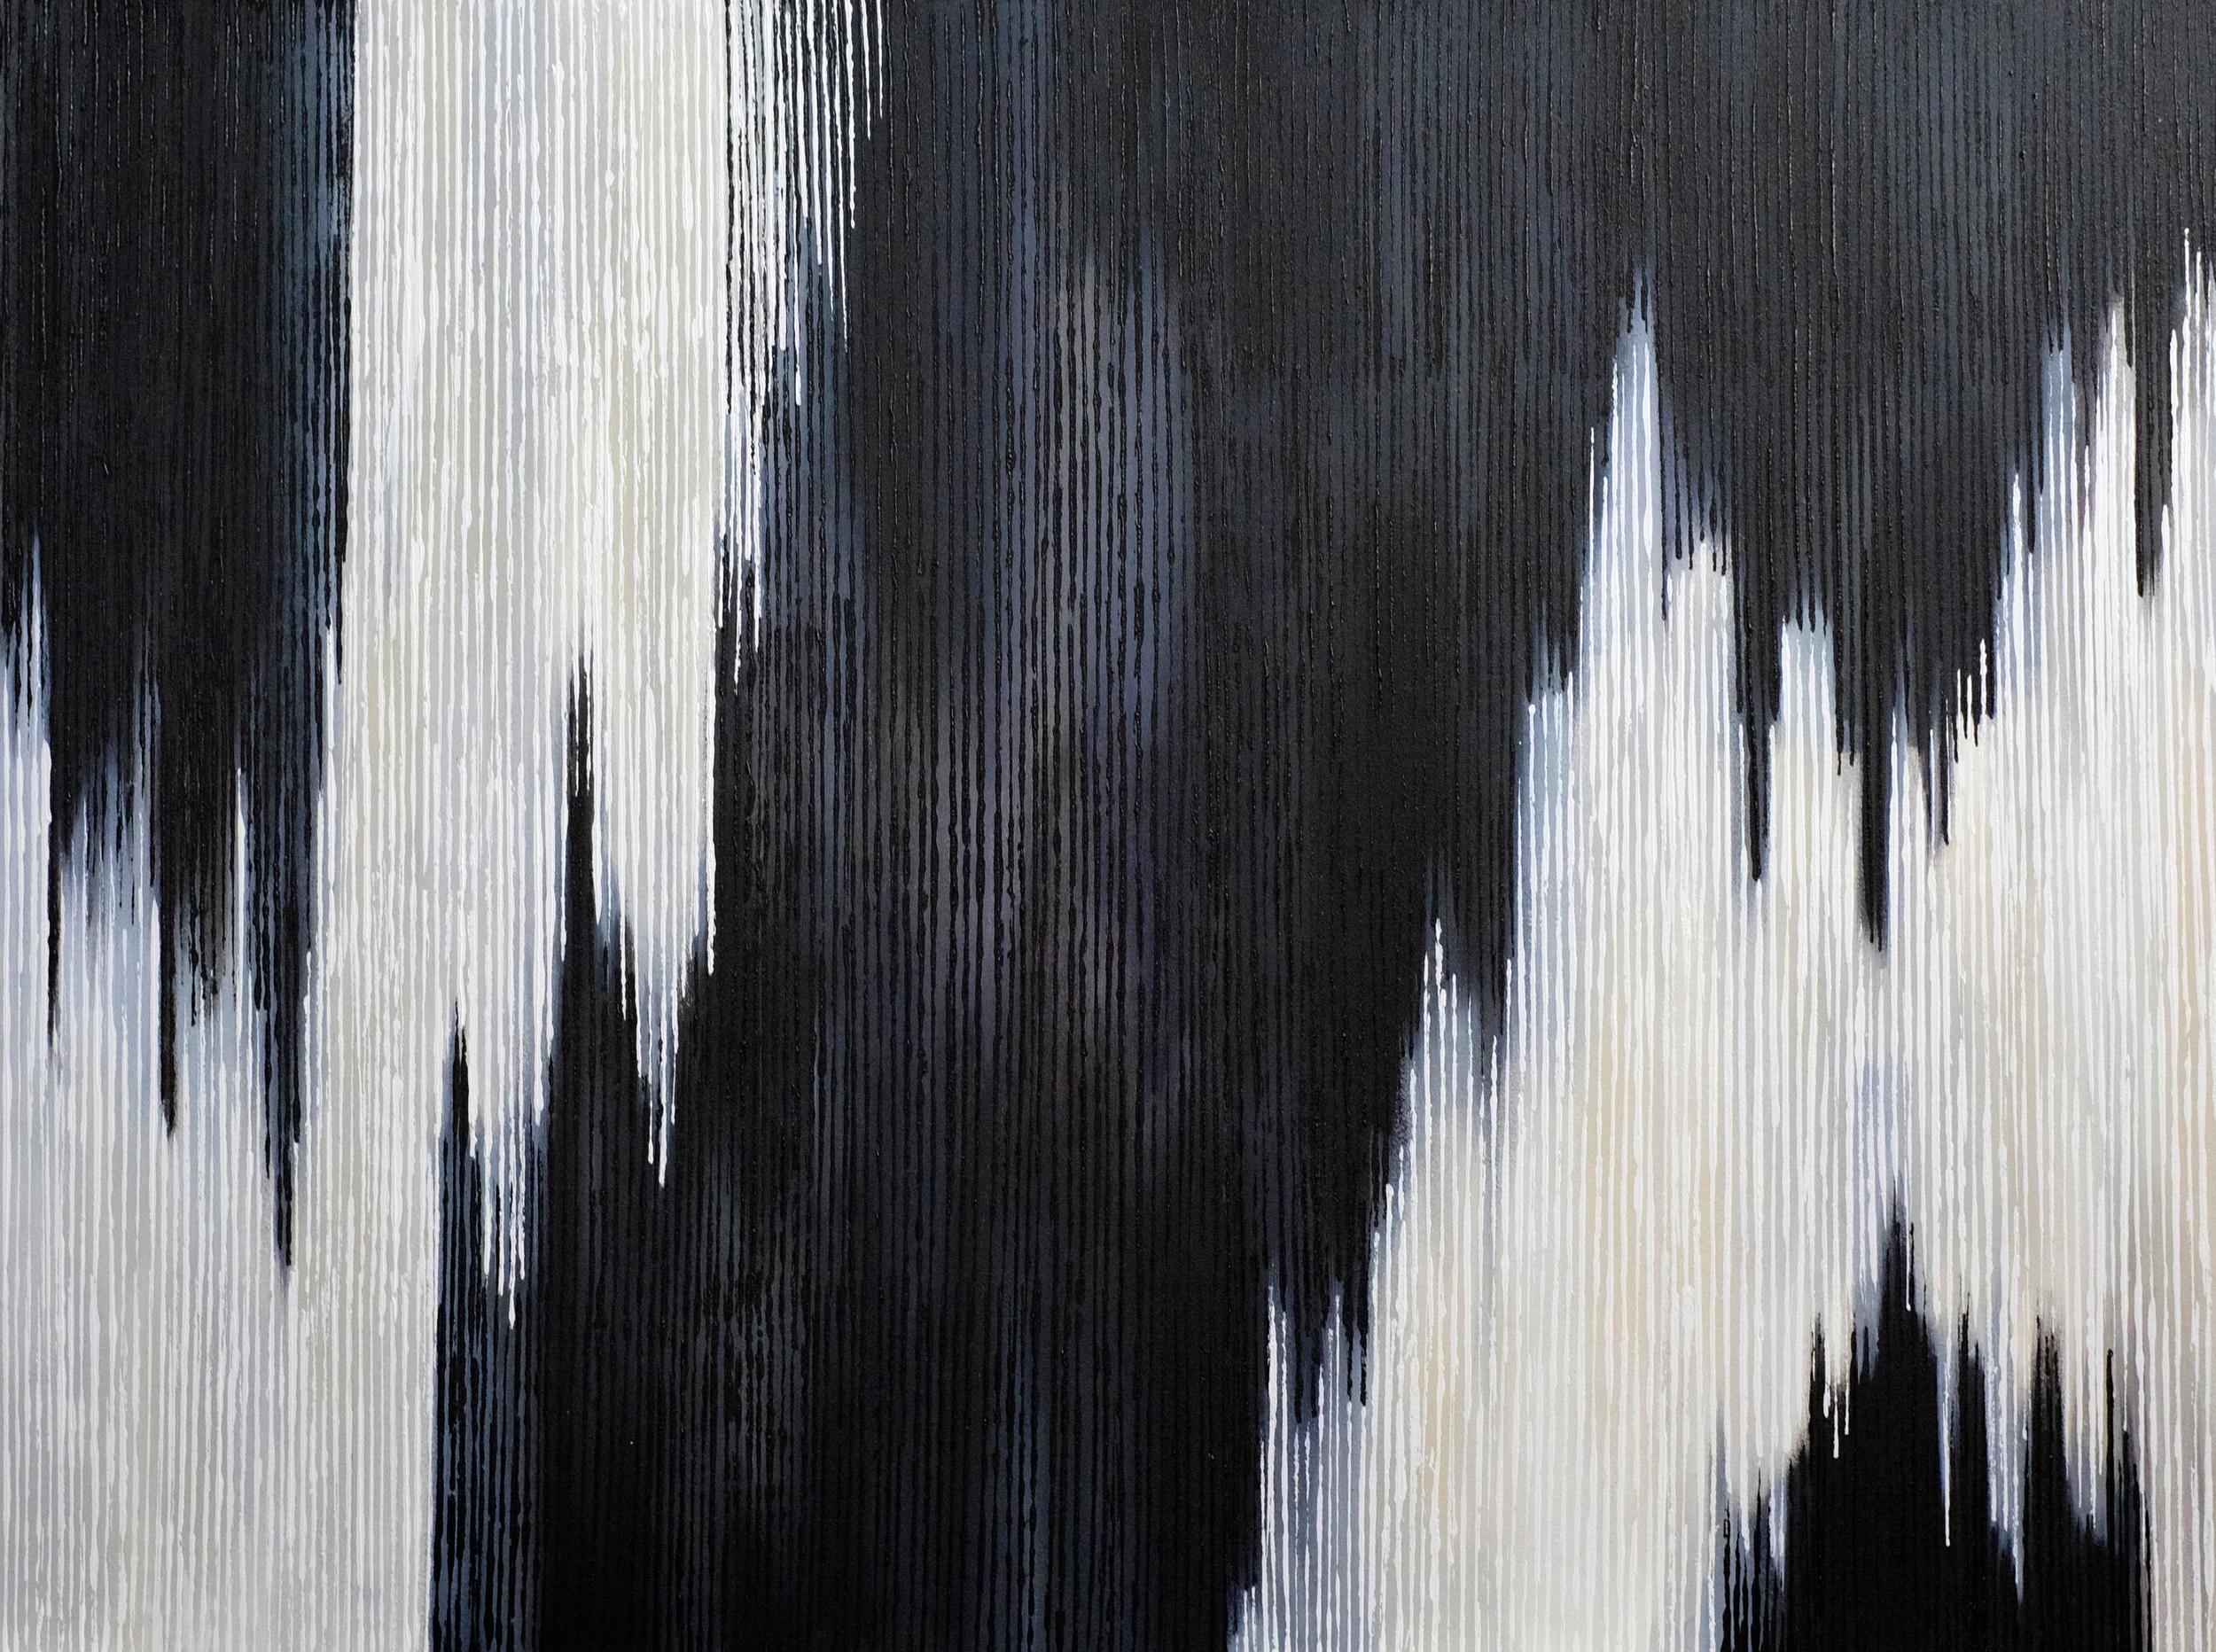 Linescape III - Black/White -2014